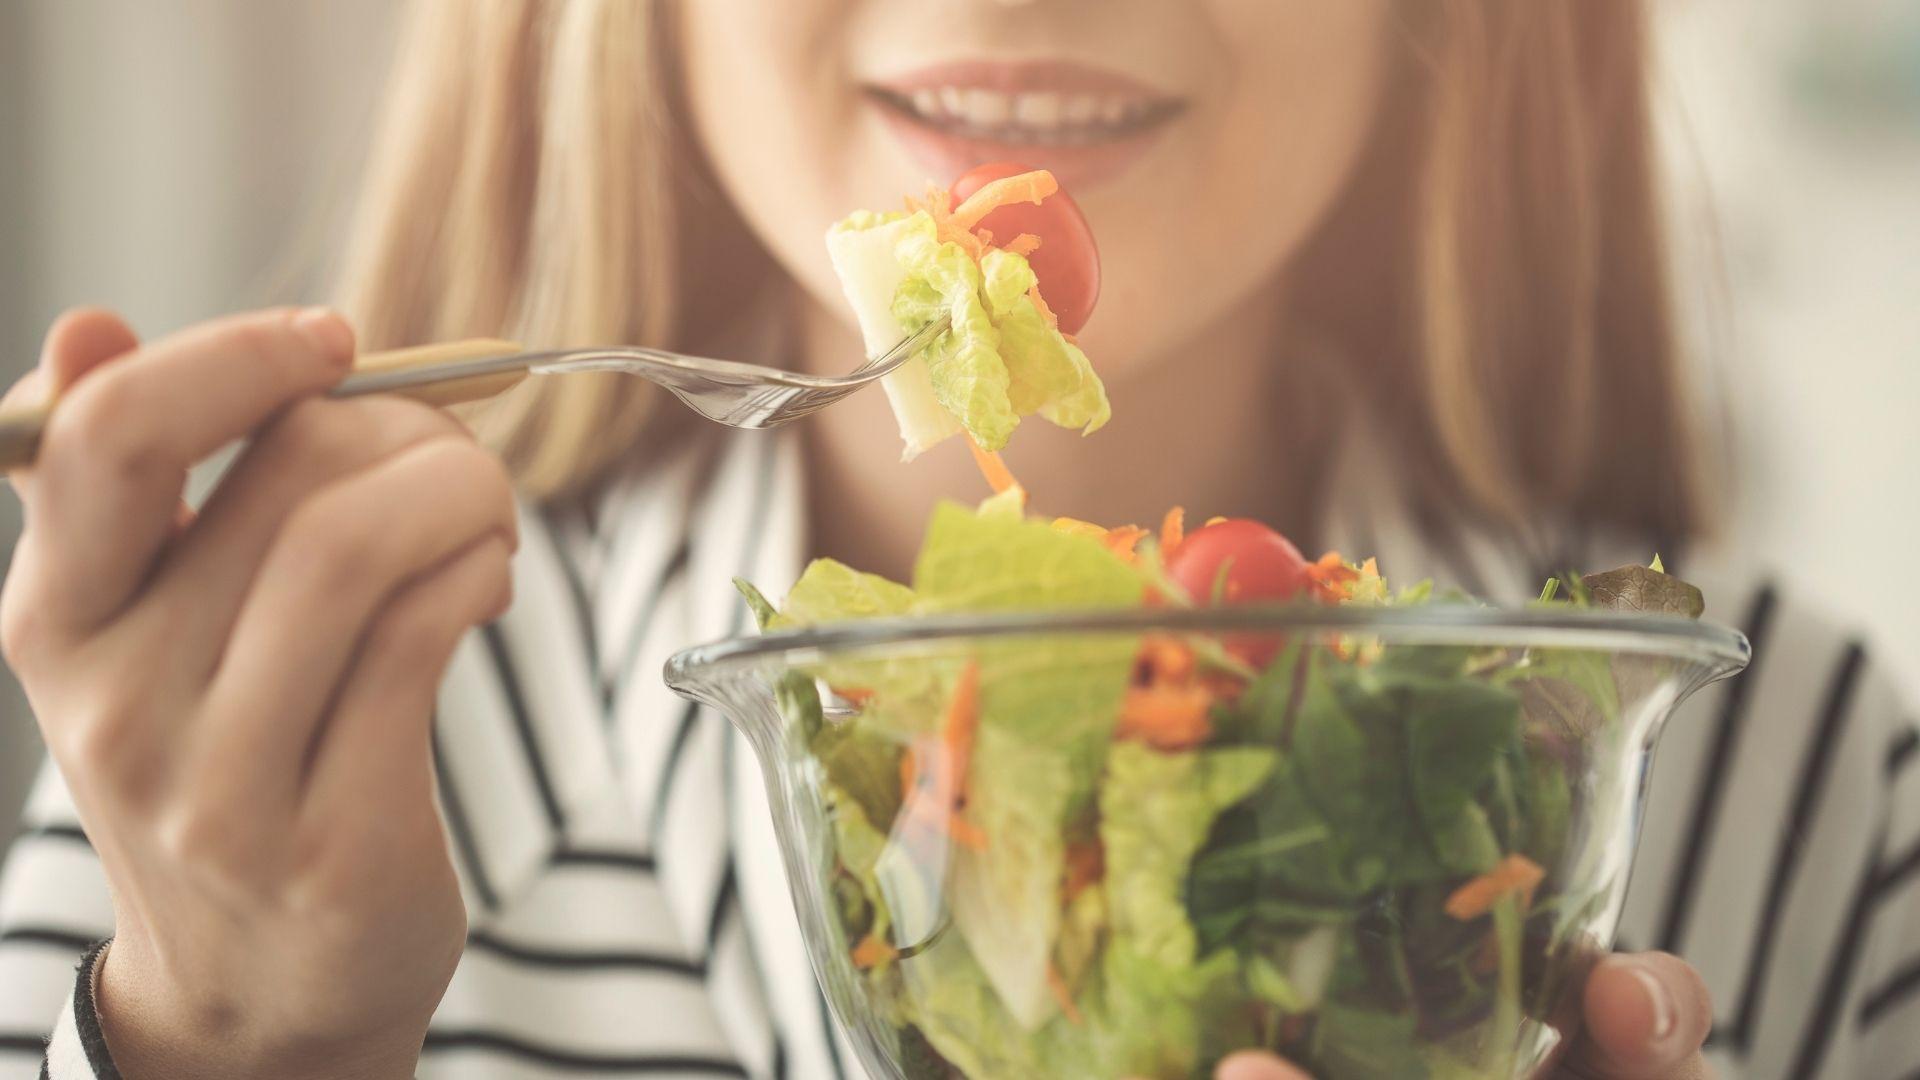 Sağlıklı Beslenmek İçin Altın Değerinde Kurallar